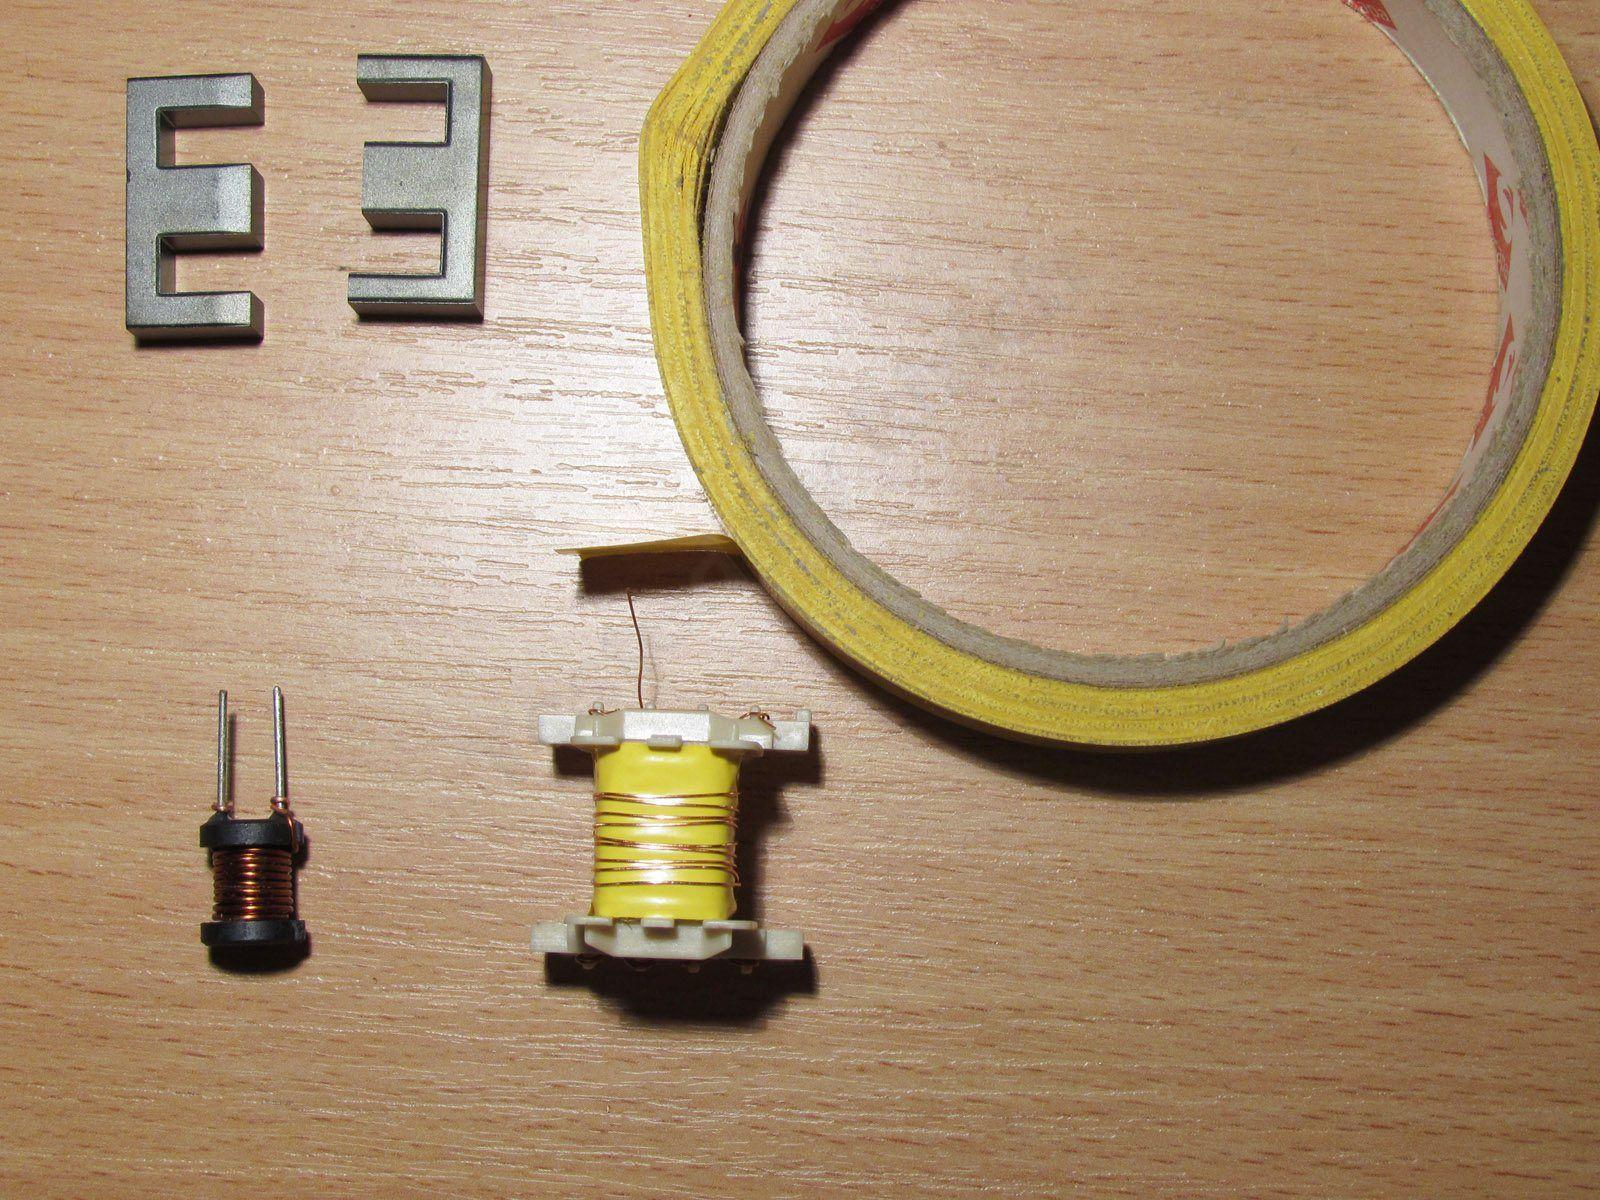 Как сделать из 12 вольт 5 вольт